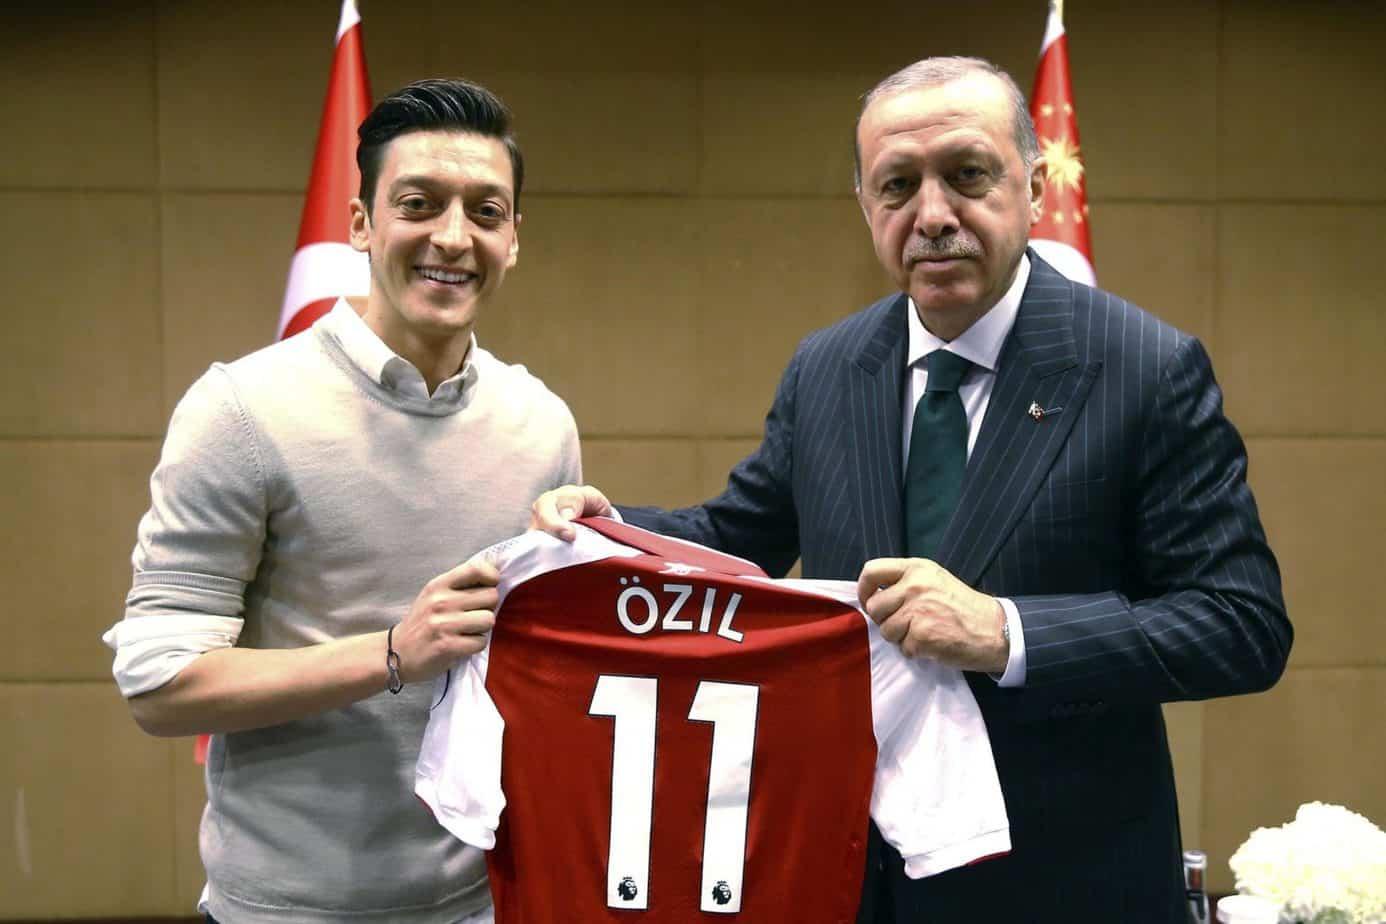 Ozil annuncia il ritiro dalla Nazionale tedesca: Mi sento indesiderato e discriminato